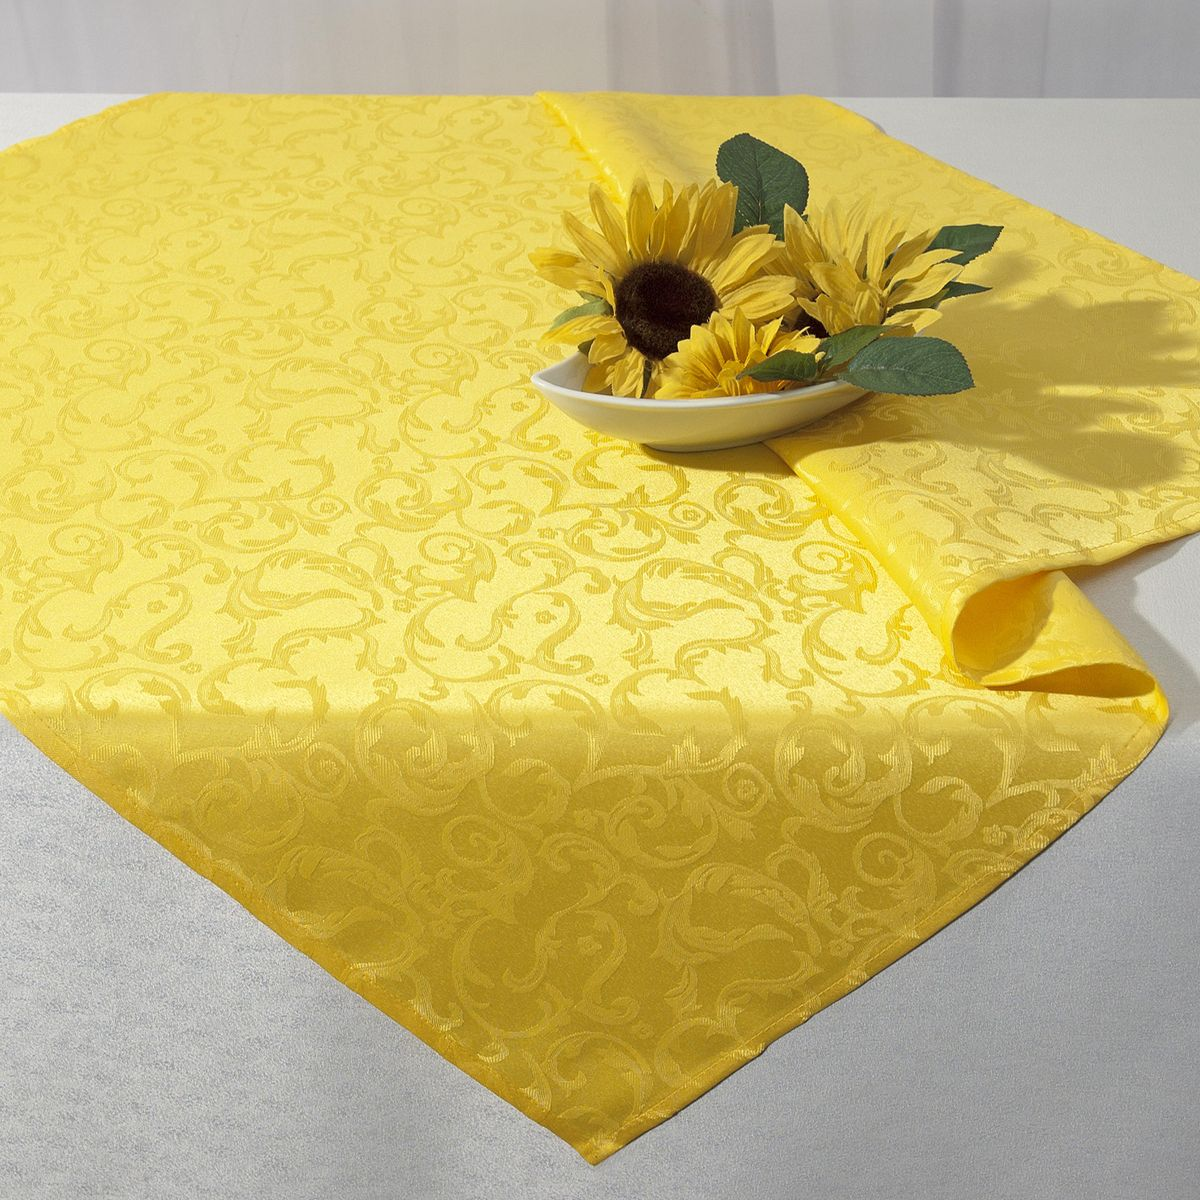 Скатерть Schaefer, квадратная, цвет: желтый, 85 x 85 см. 07433-1004630003364517Стильная скатерть Schaefer выполнена из полиэстера.Изделия из полиэстера легко стирать: они не мнутся, не садятся и быстро сохнут, они более долговечны, чем изделия из натуральных волокон.Немецкая компания Schaefer создана в 1921 году. На протяжении всего времени существования она создает уникальные коллекции домашнего текстиля для гостиных, спален, кухонь и ванных комнат. Дизайнерские идеи немецких художников компании Schaefer воплощаются в текстильных изделиях, которые сделают ваш дом красивее и уютнее и не останутся незамеченными вашими гостями. Дарите себе и близким красоту каждый день!